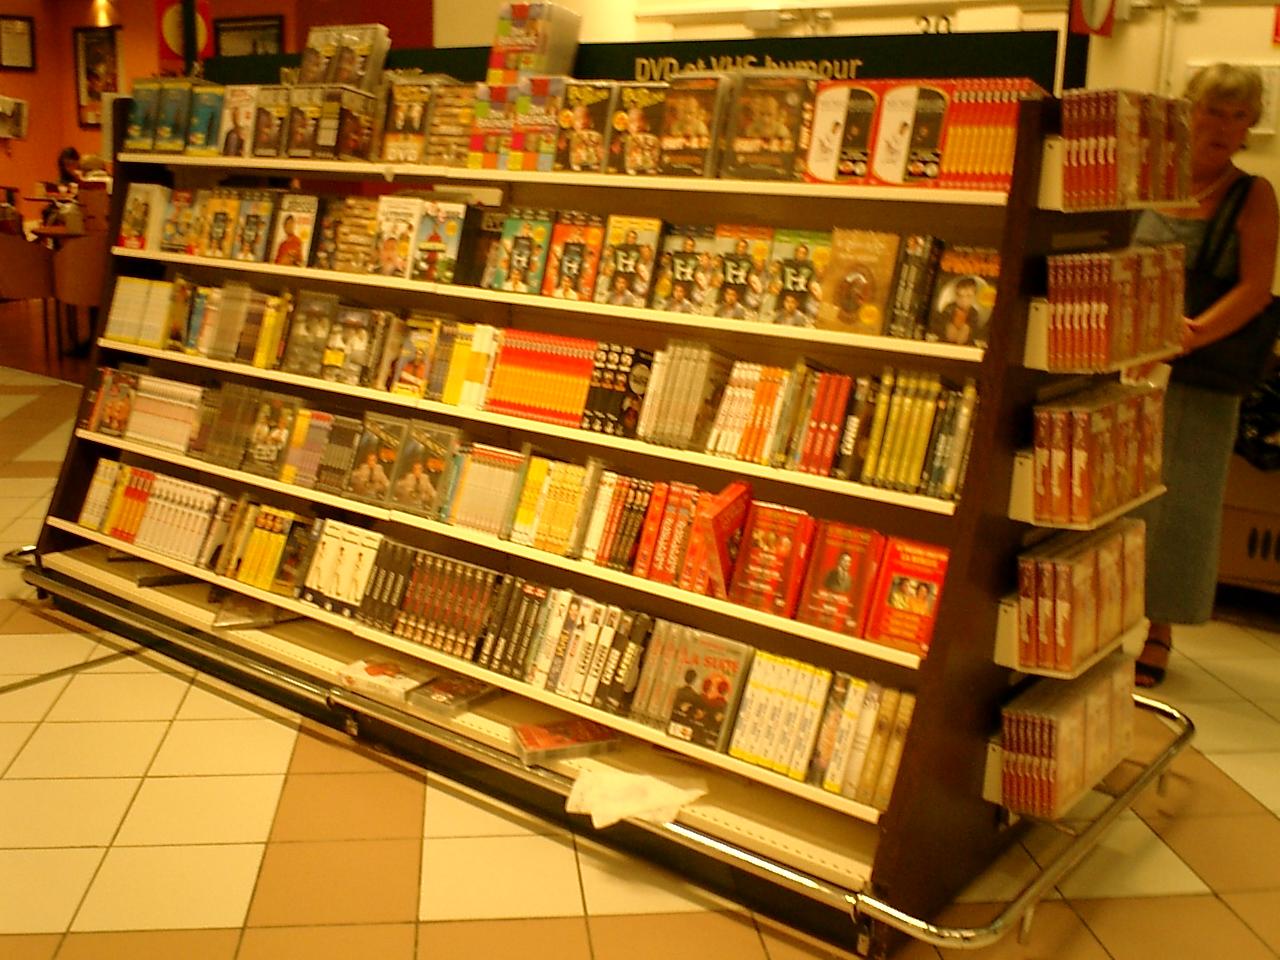 法国家乐福超市装修及商品陈列